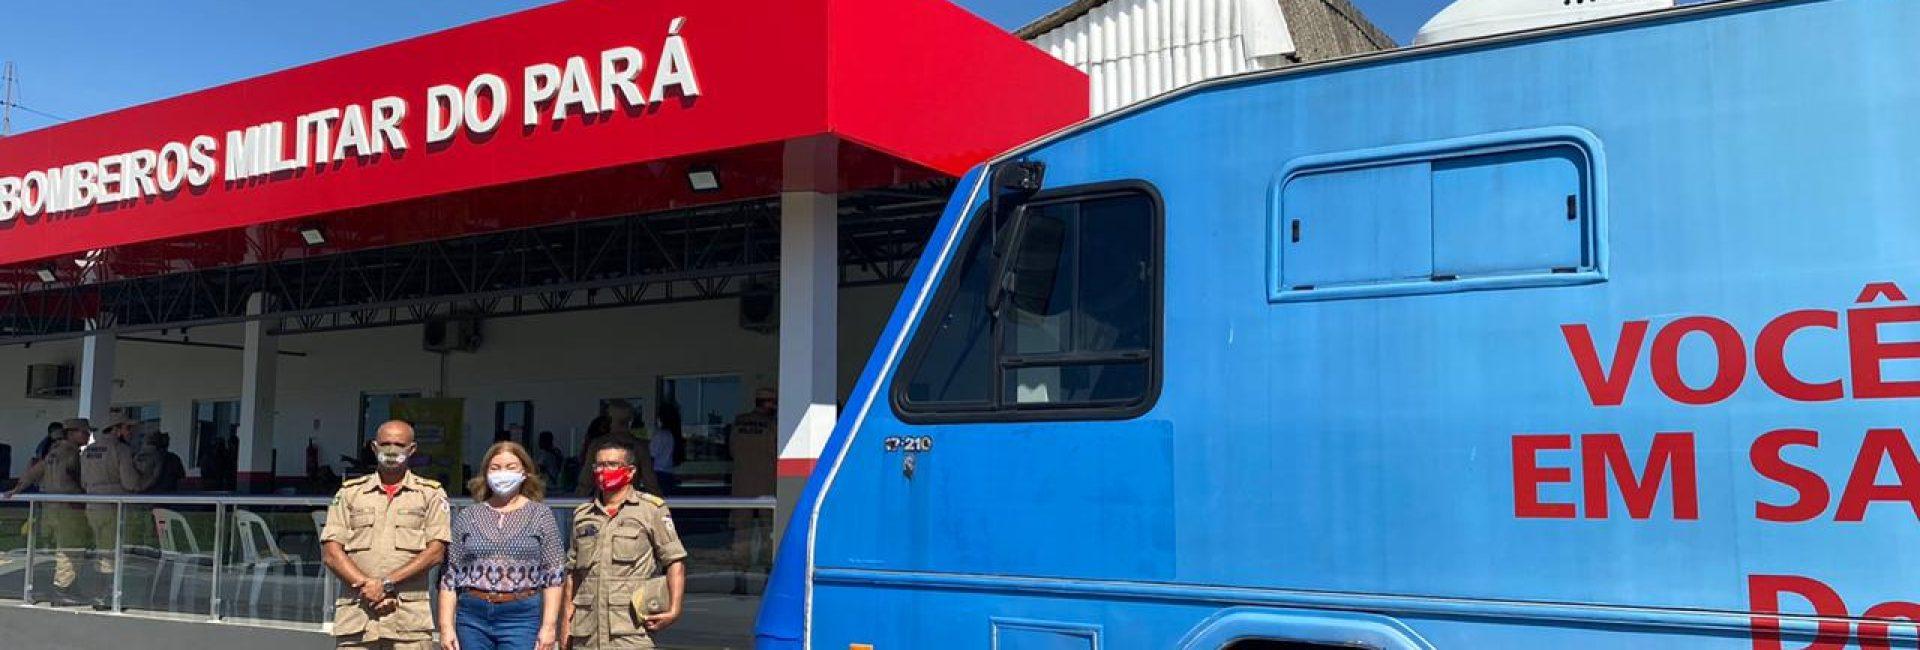 Corpo de Bombeiros Militar do Pará e Coordenadoria Estadual de Defesa Civil realizam campanha de doação de sangue em parceria com a Fundação Hemopa